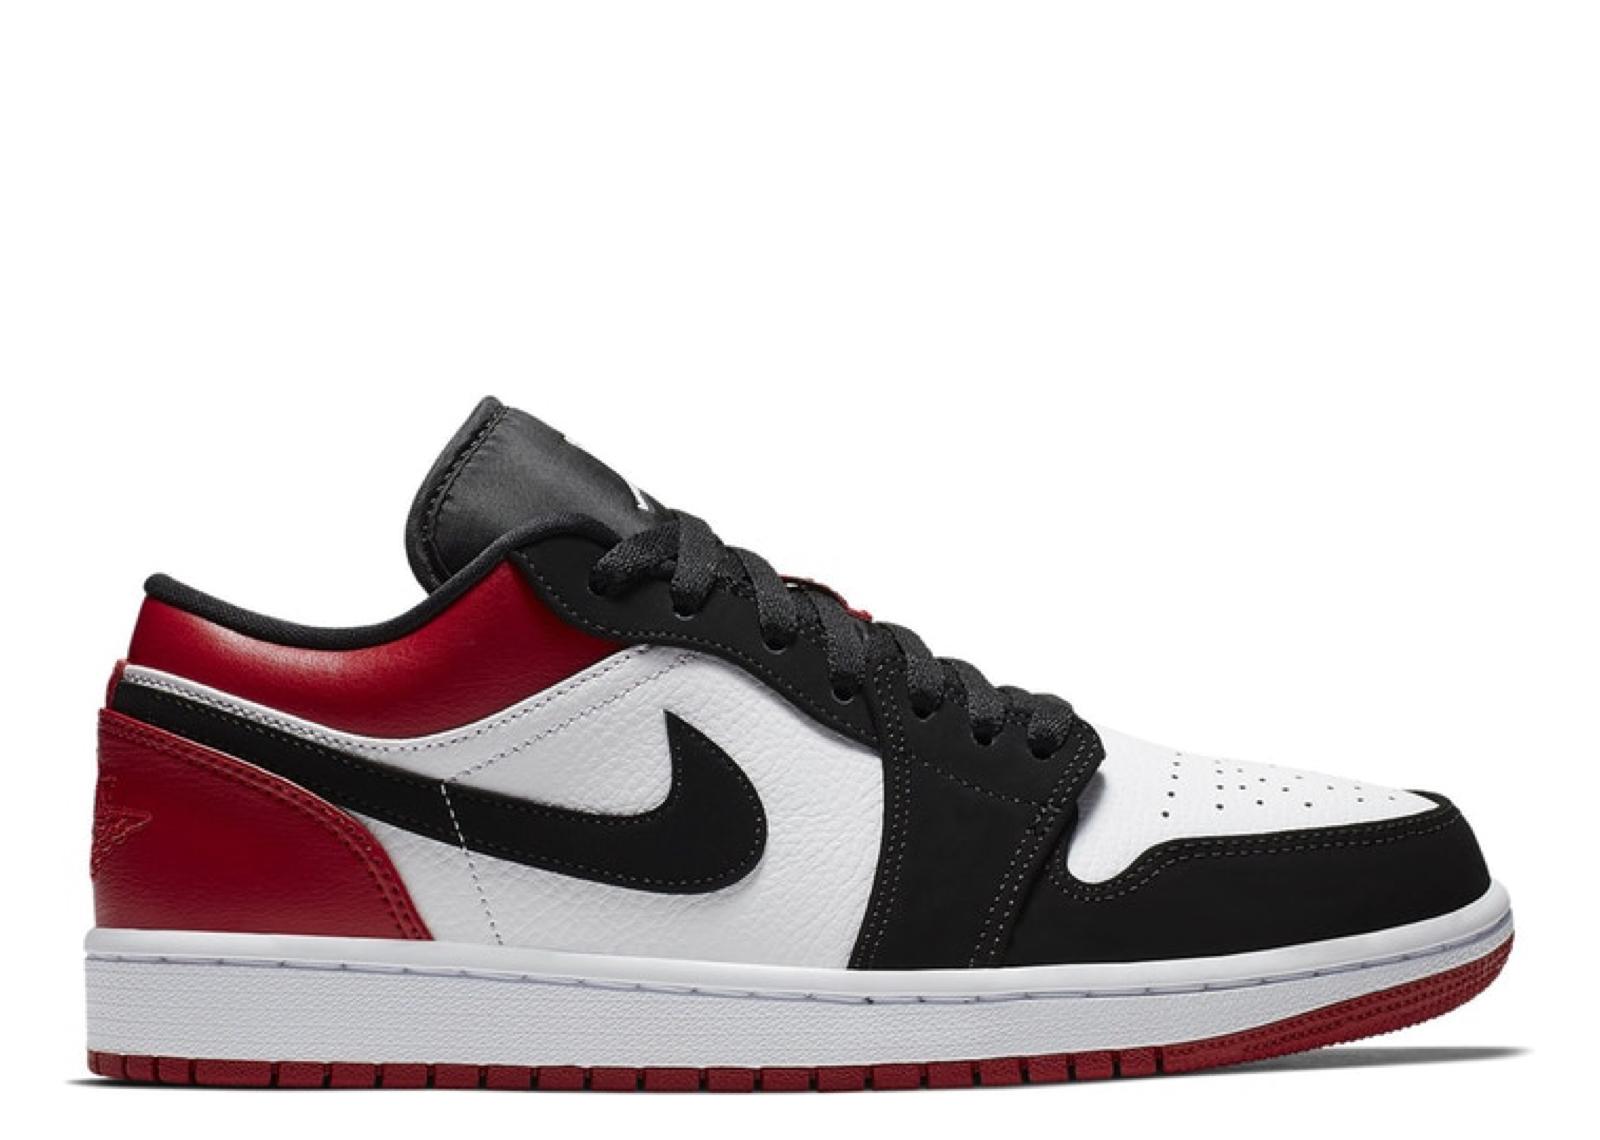 c1f5cbfe2 Kick Avenue - Authentic Sneakers